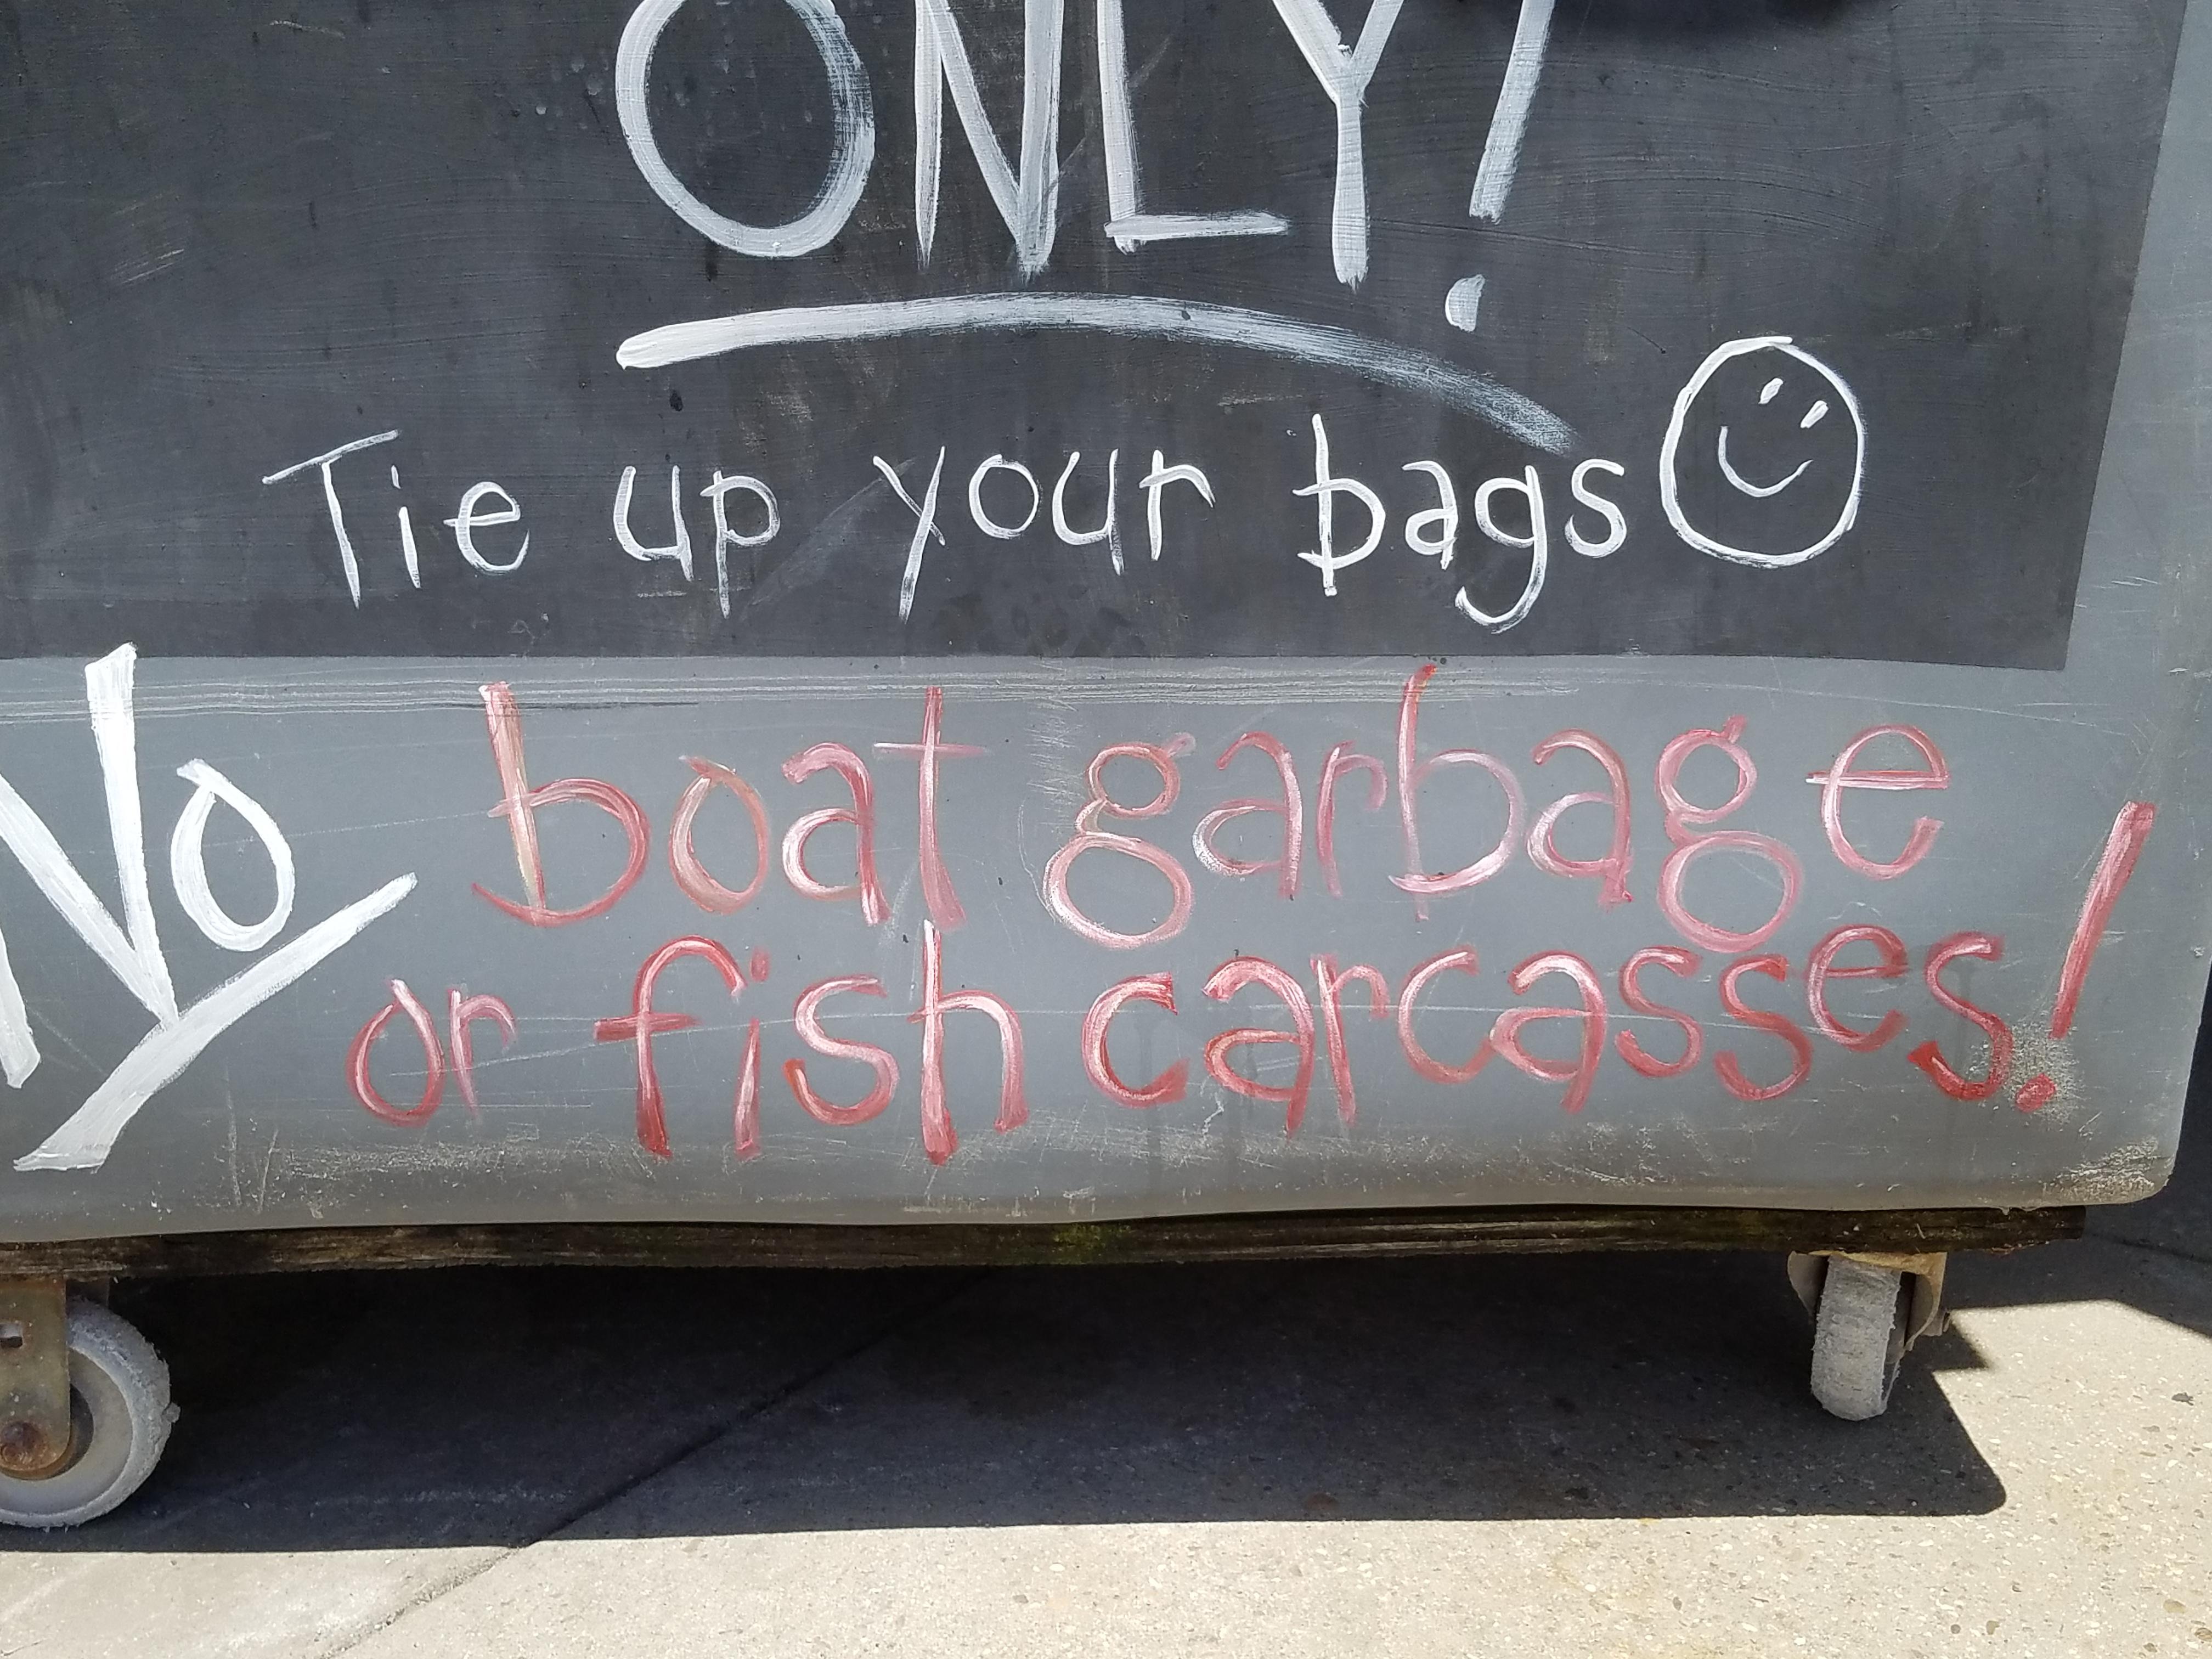 Garbage bin at the marina: No fish carcasses!